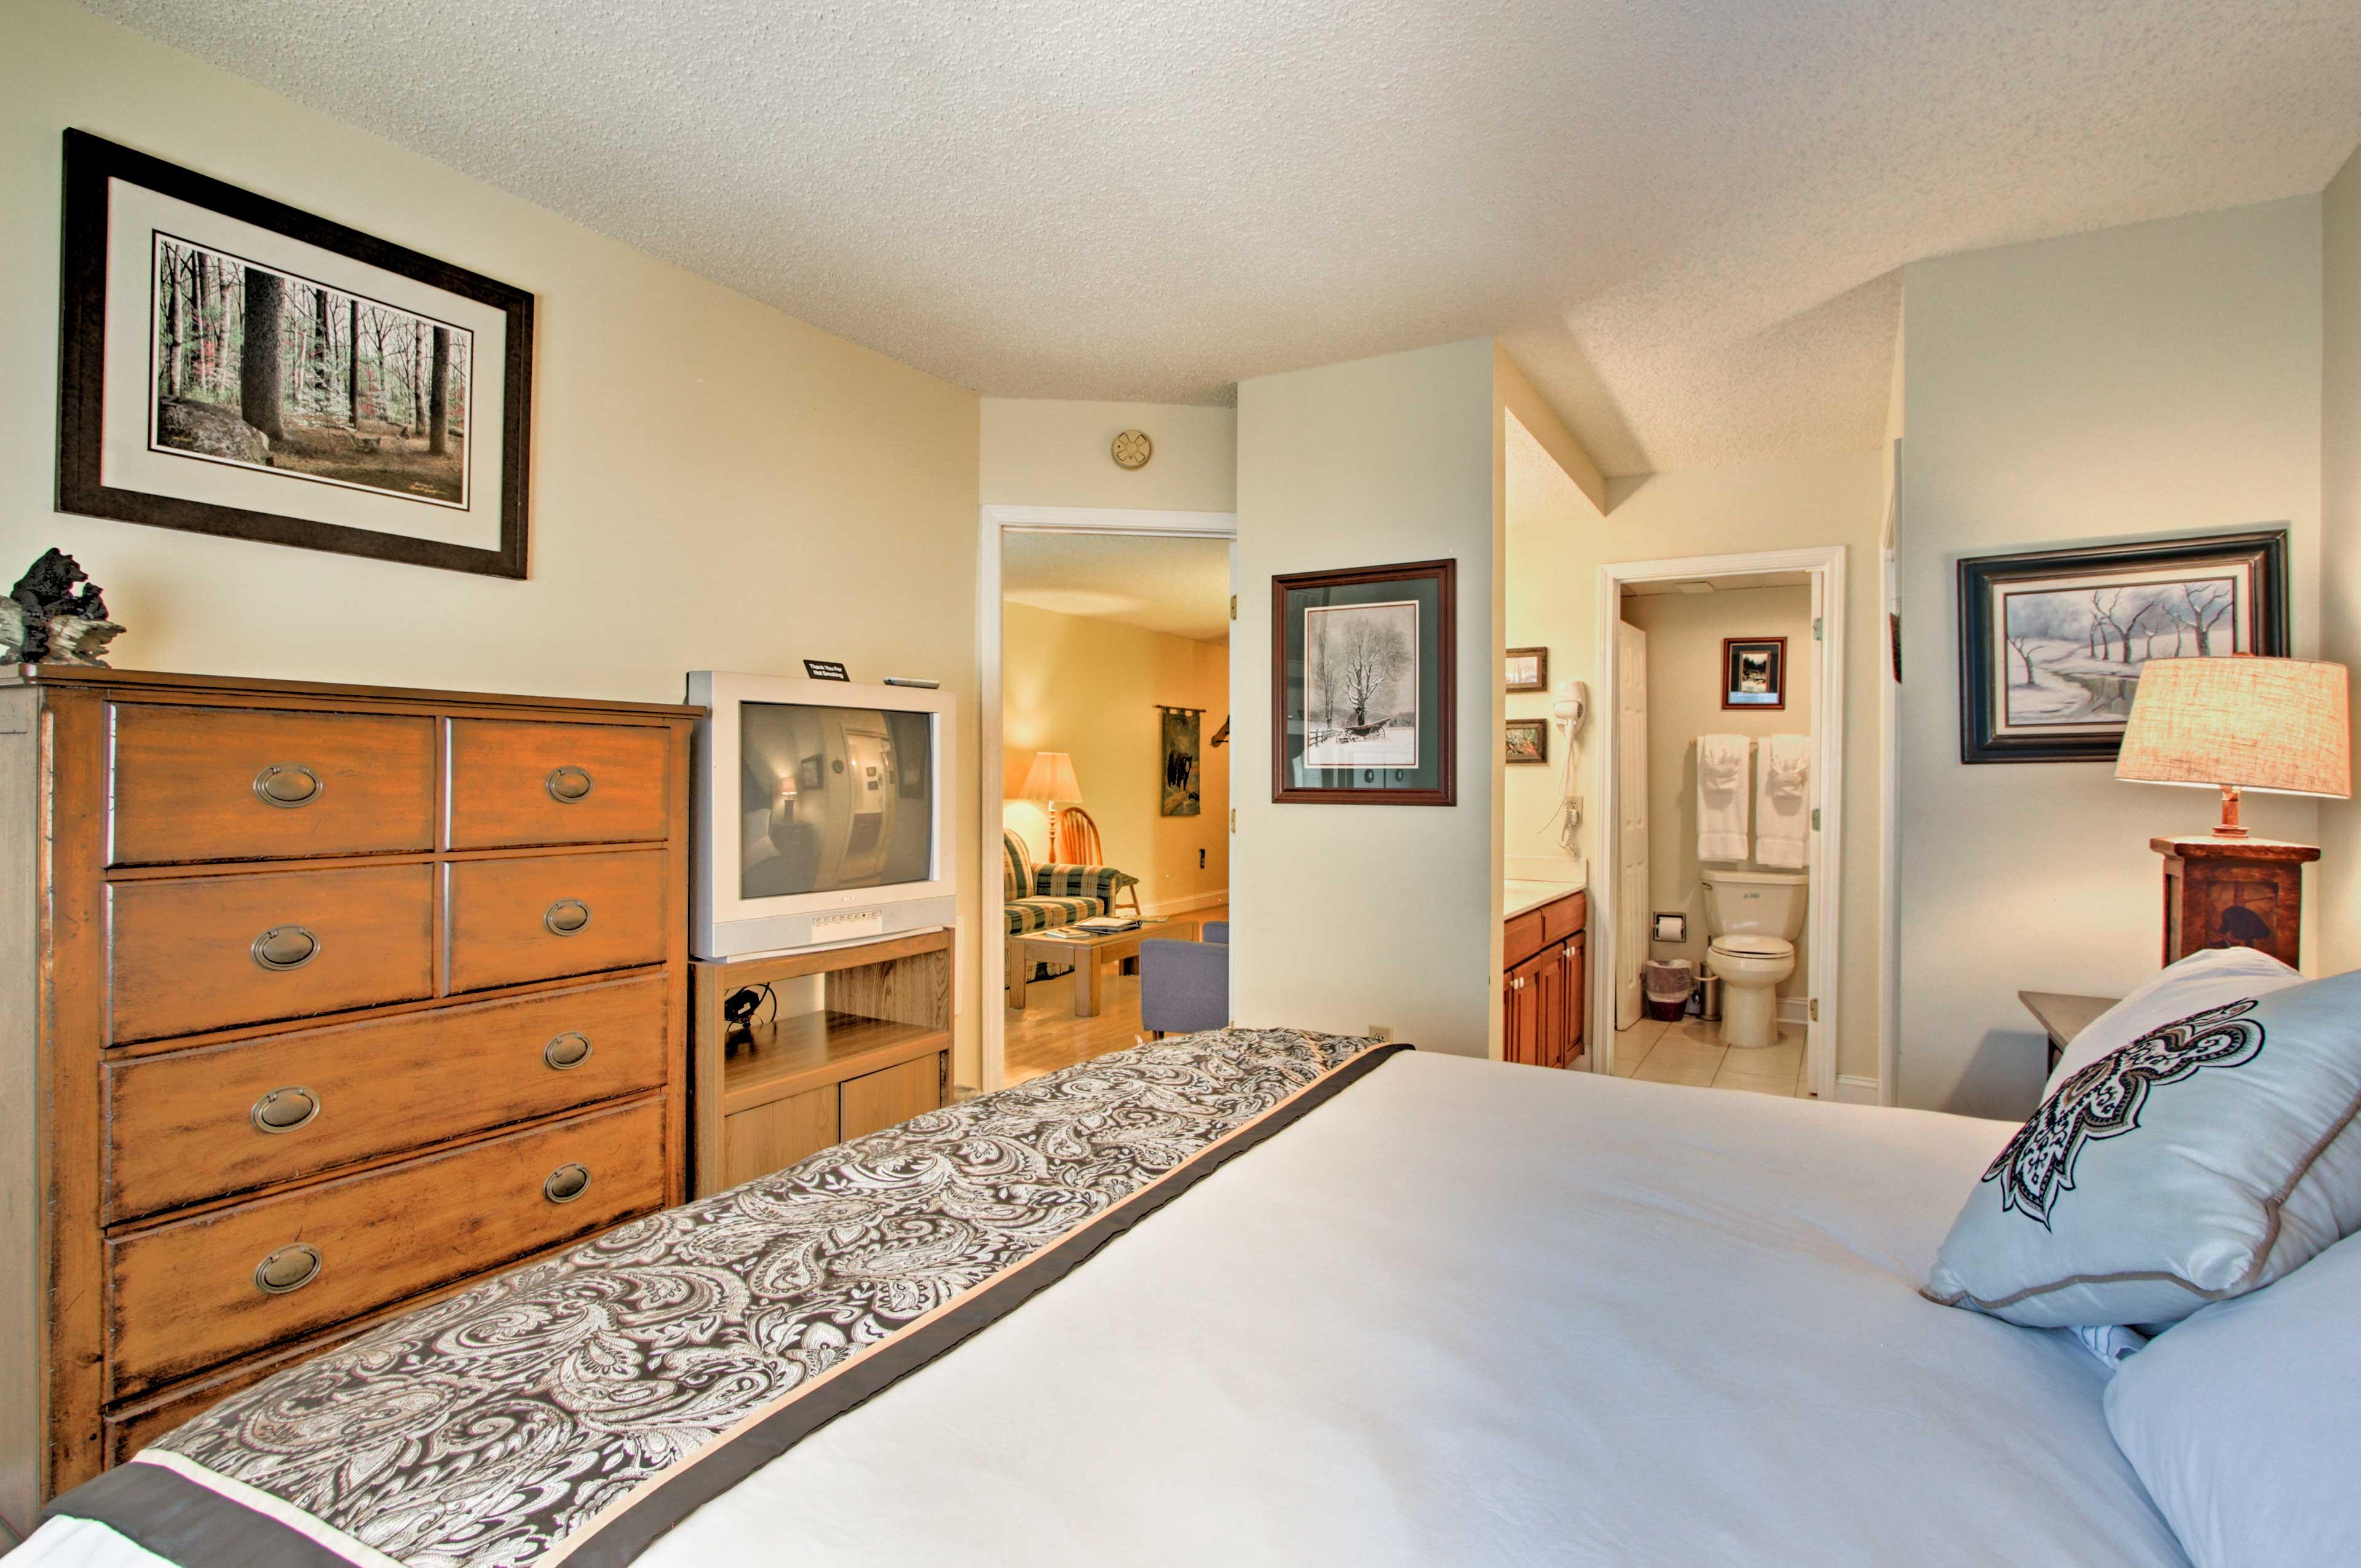 An en-suite bathroom completes the bedroom.